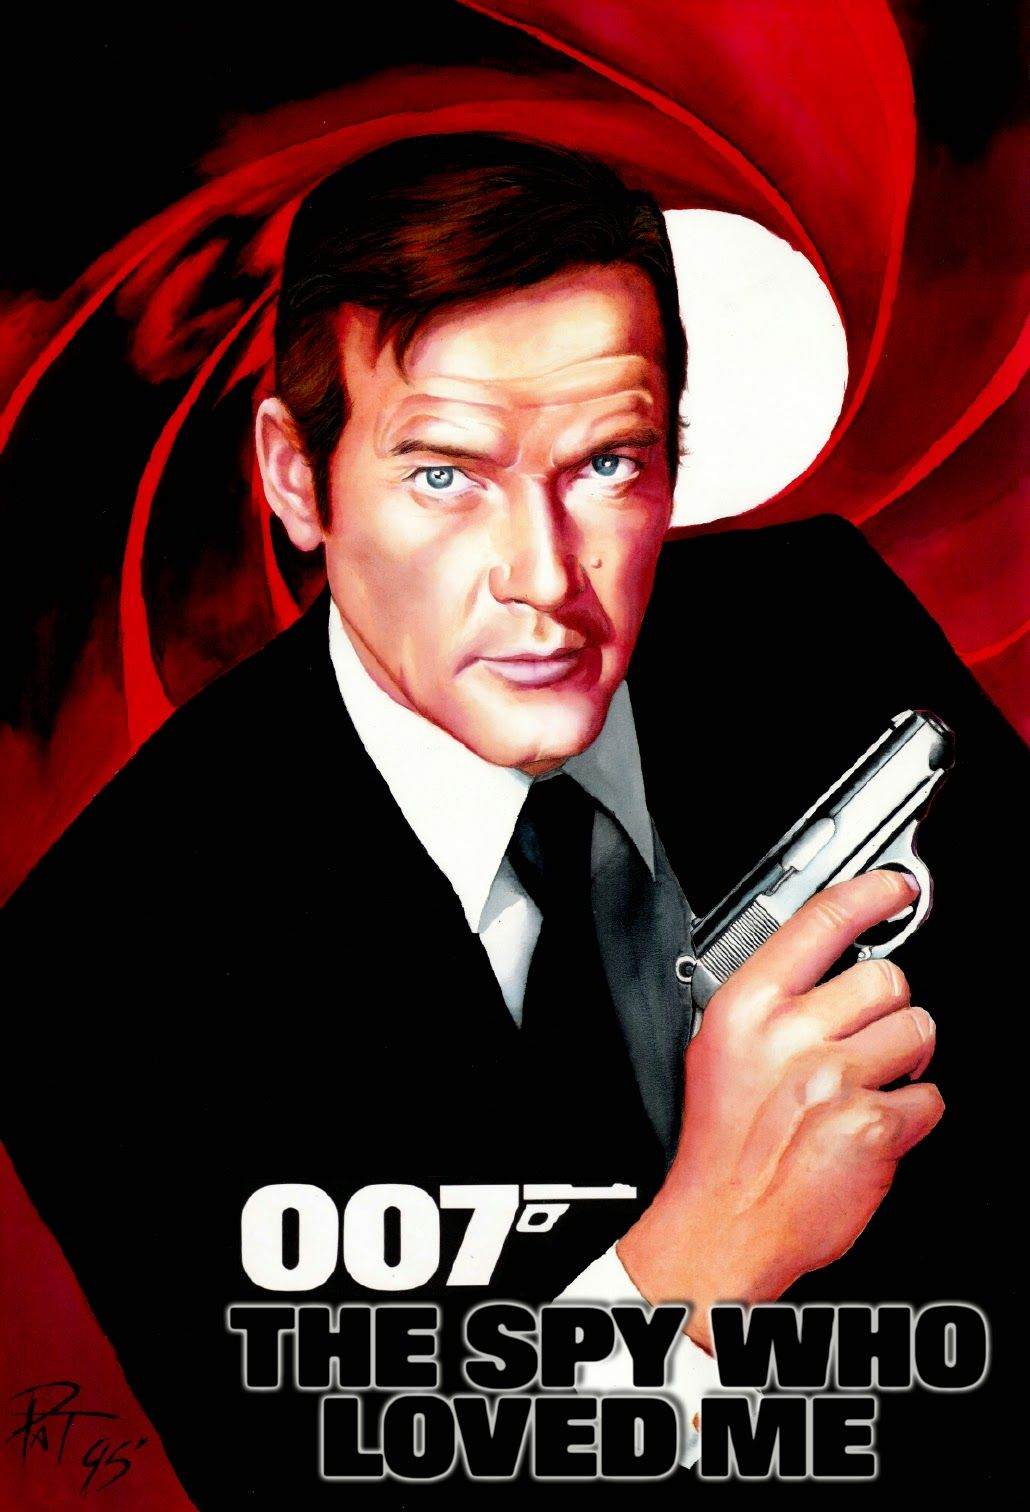 The Spy Who Loved Me Artwork By Patricio Carbajal Filmes Agente 007 Atelier